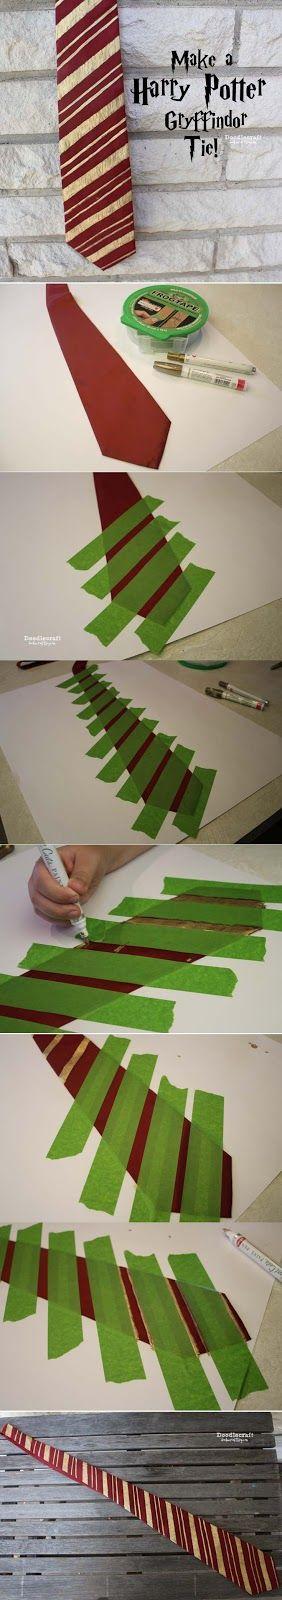 DIY Gryffindor Tie for Harry Potter Costume.